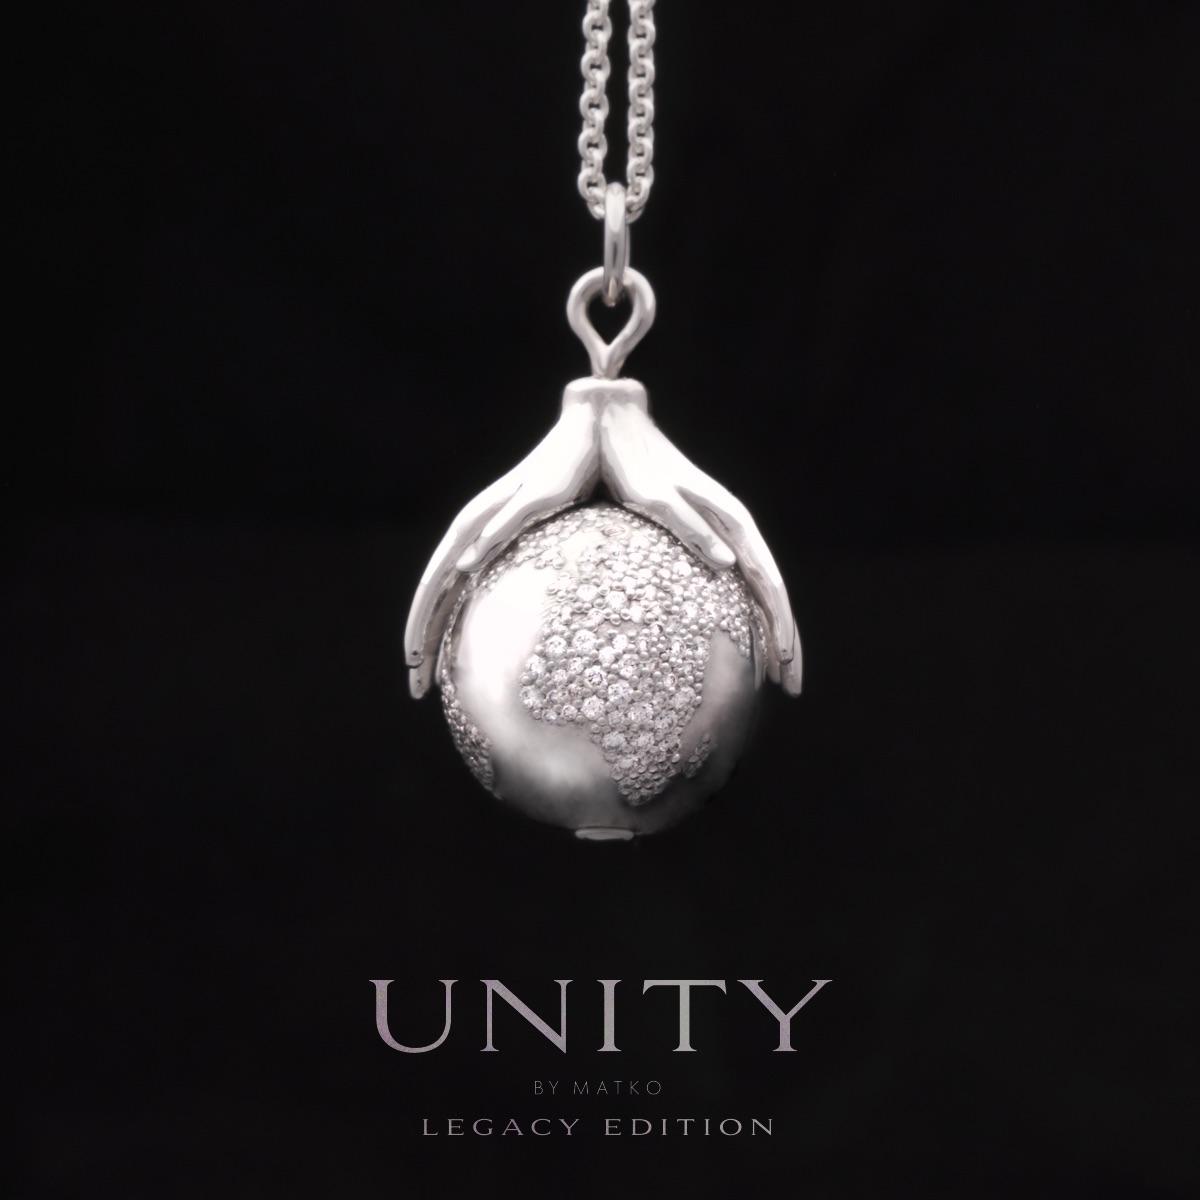 Unity Legacy Edition